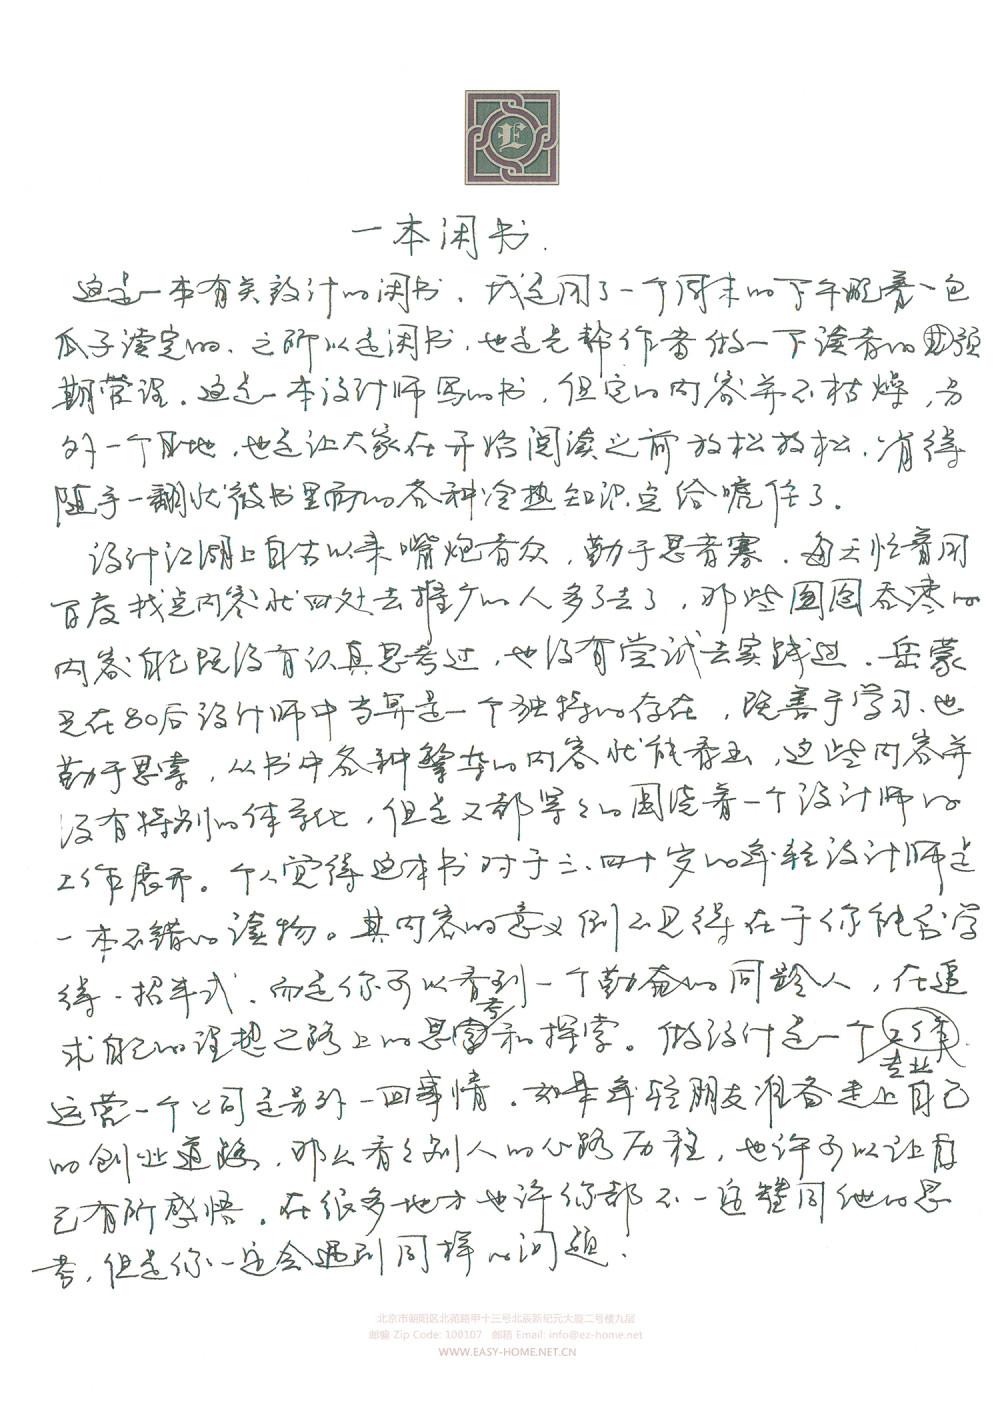 手稿-戴昆序言-1.jpg